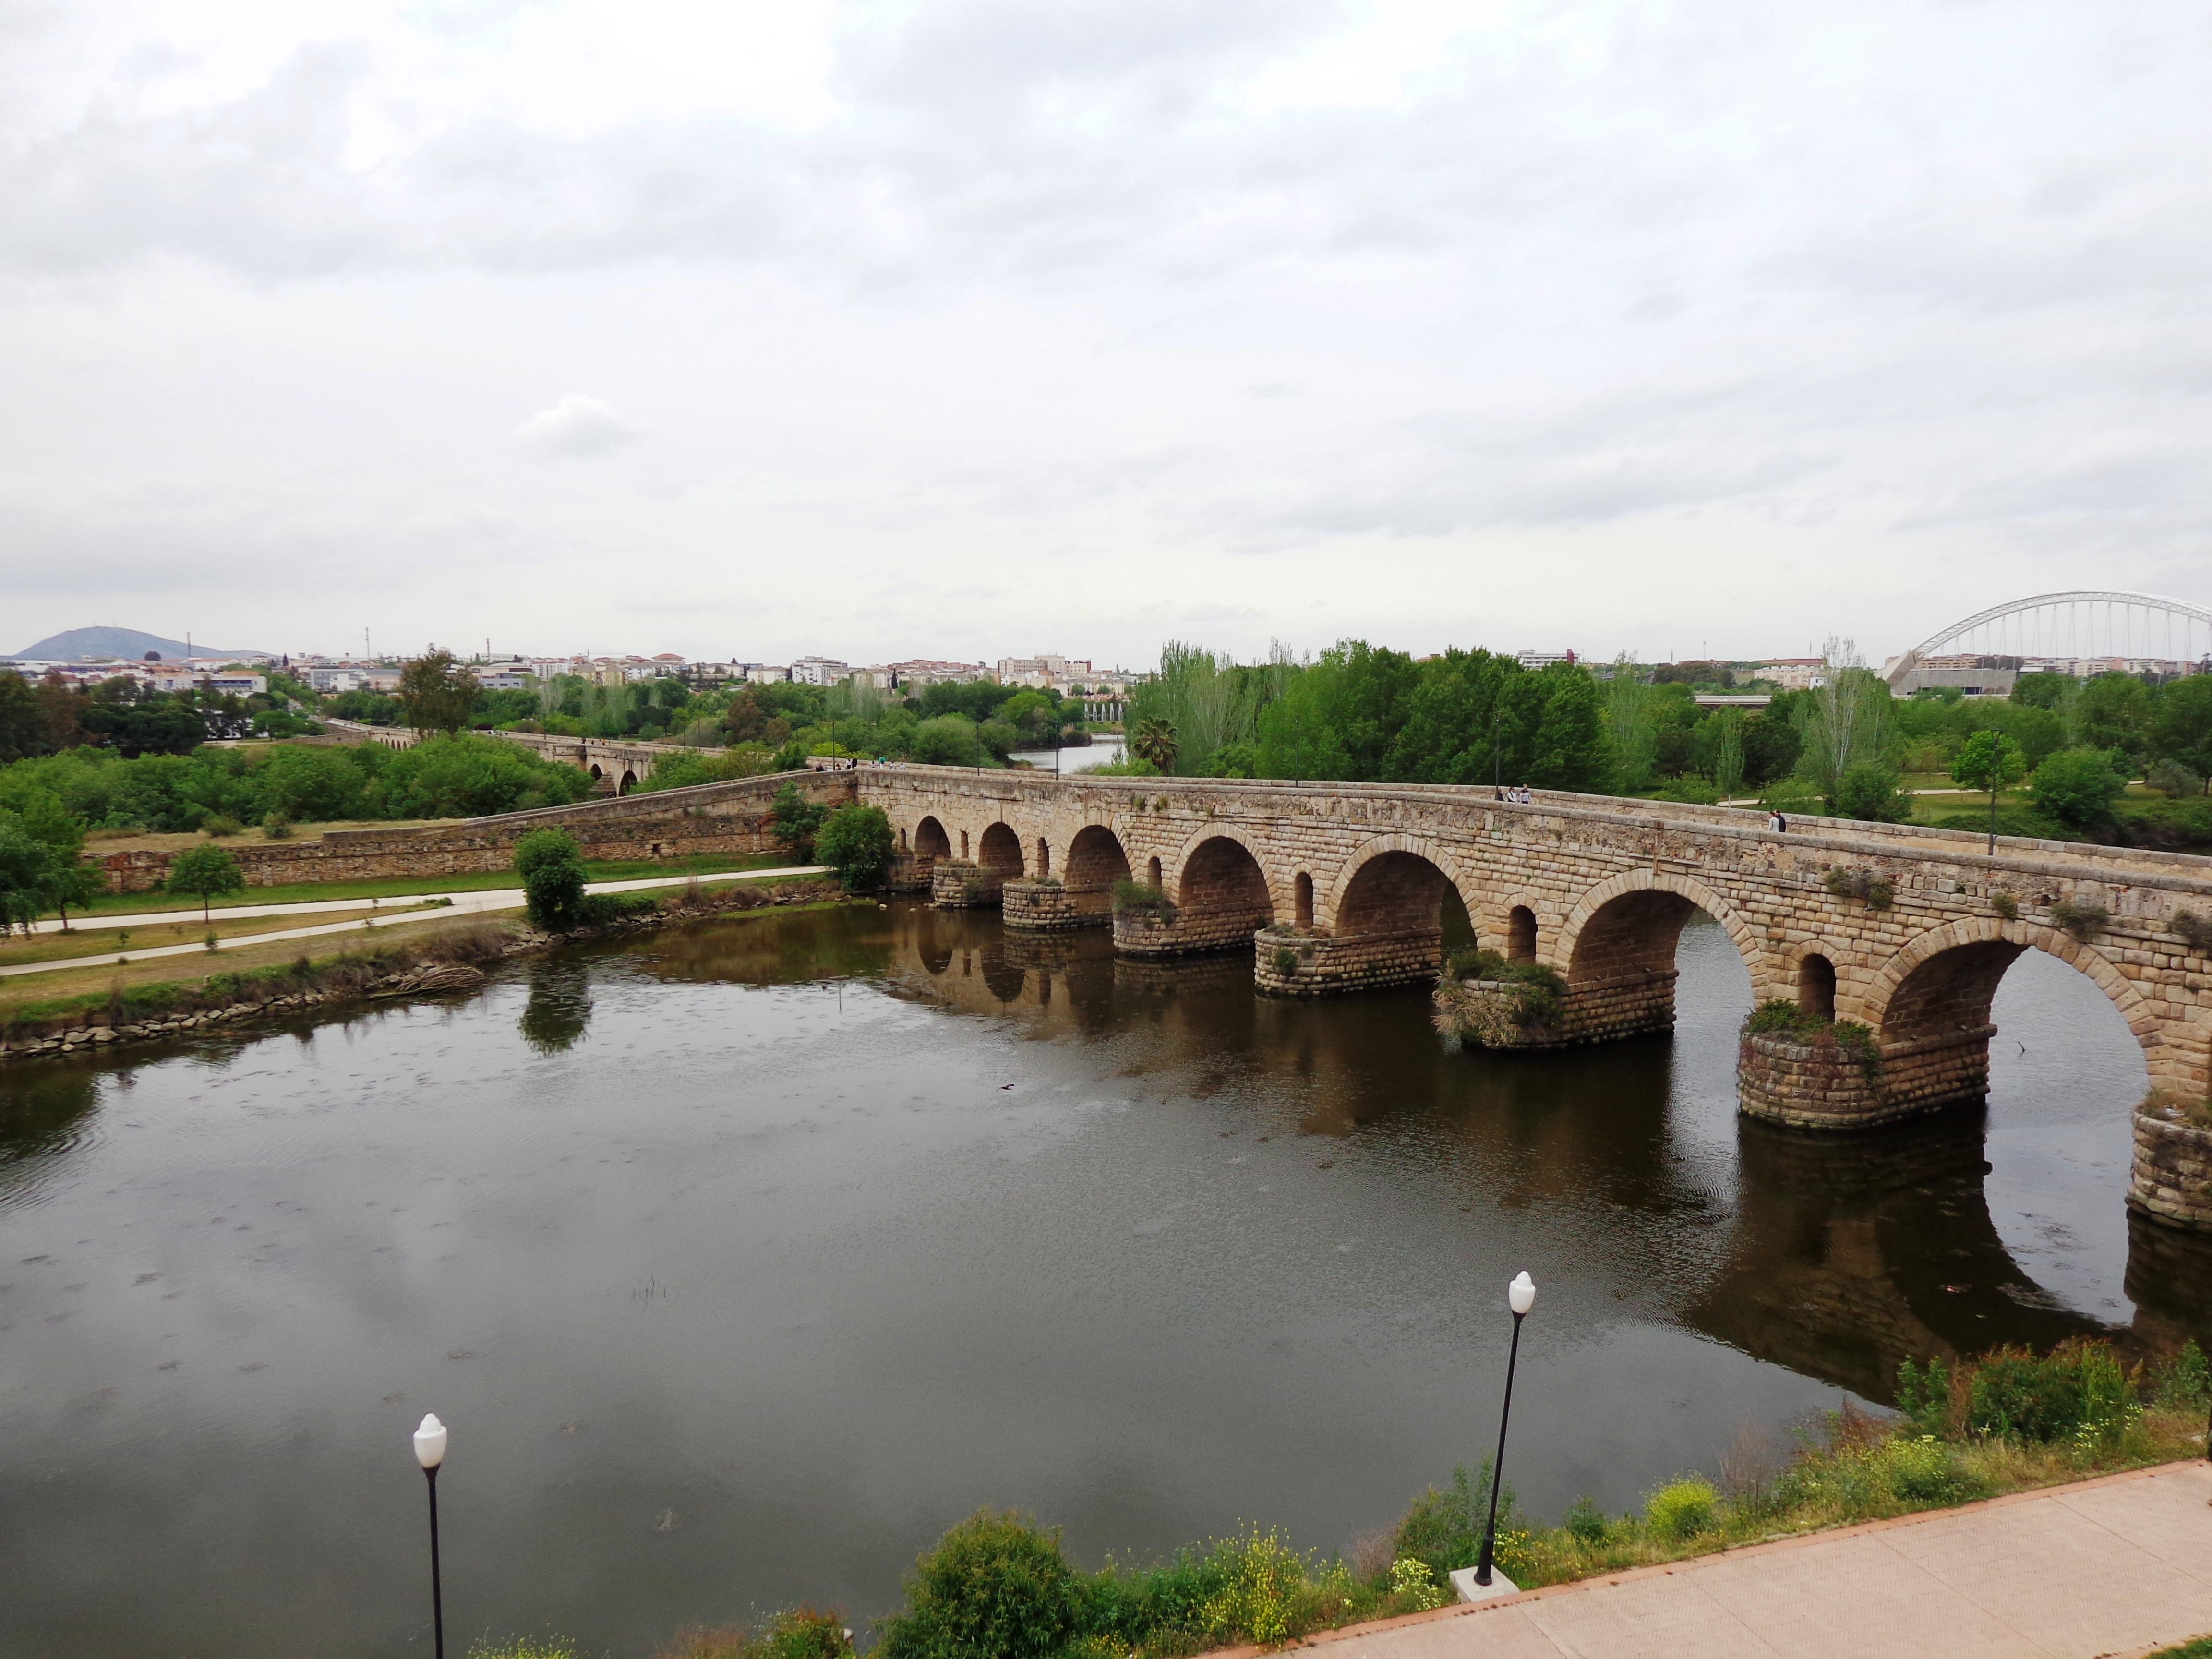 Puente Romano sobre el río Guadiana, Mérida